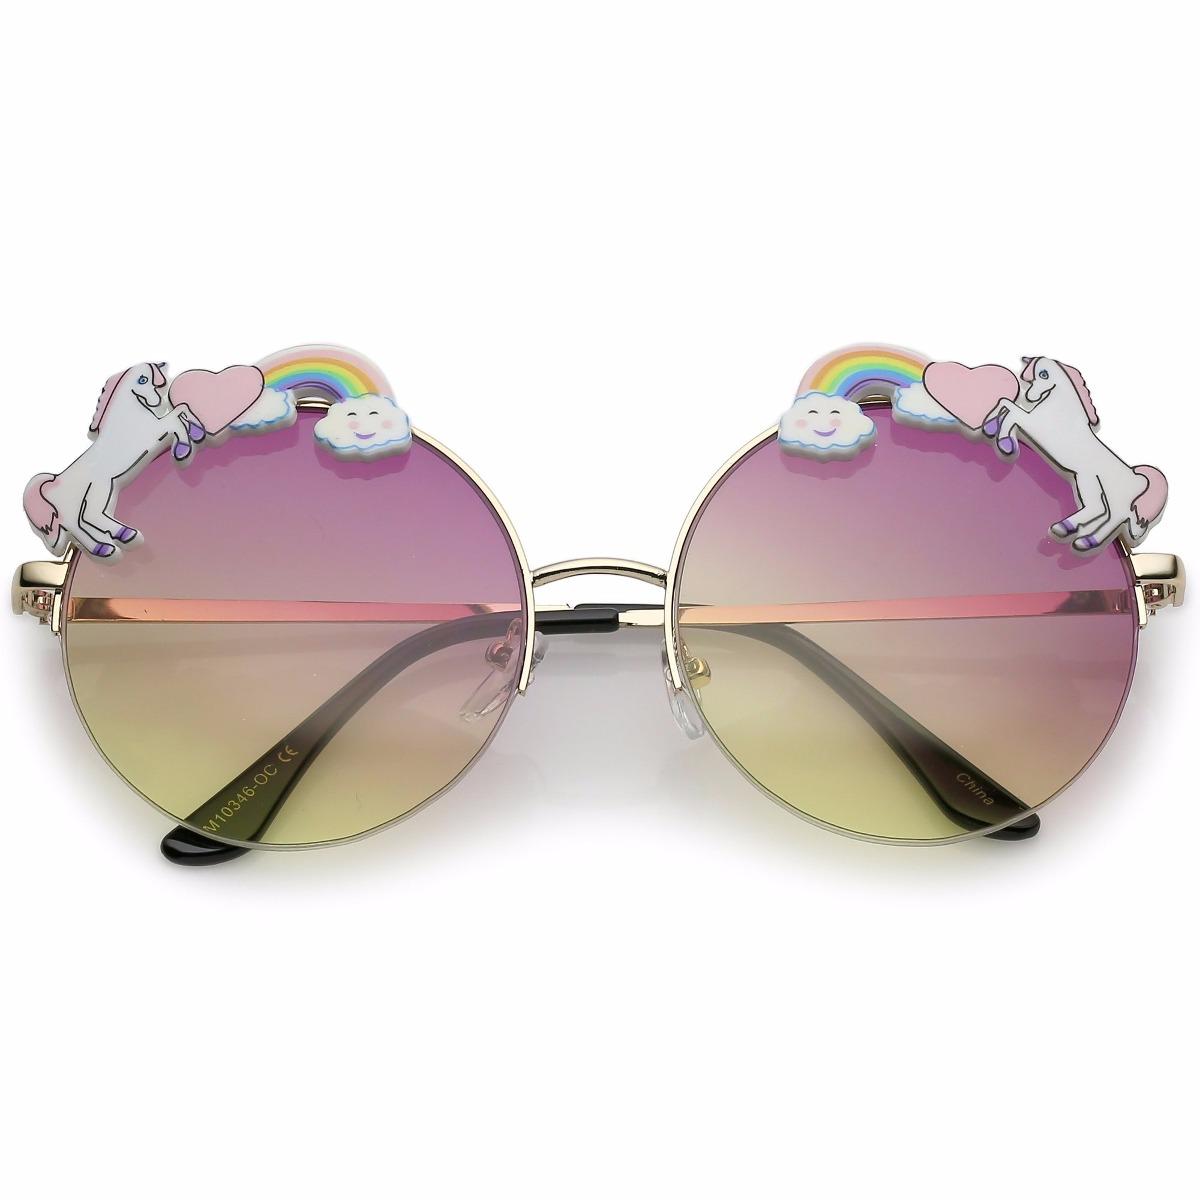 d34785f50 Óculos De Sol Redondo - Lentes Coloridas - Unicornio - R$ 121,00 em ...